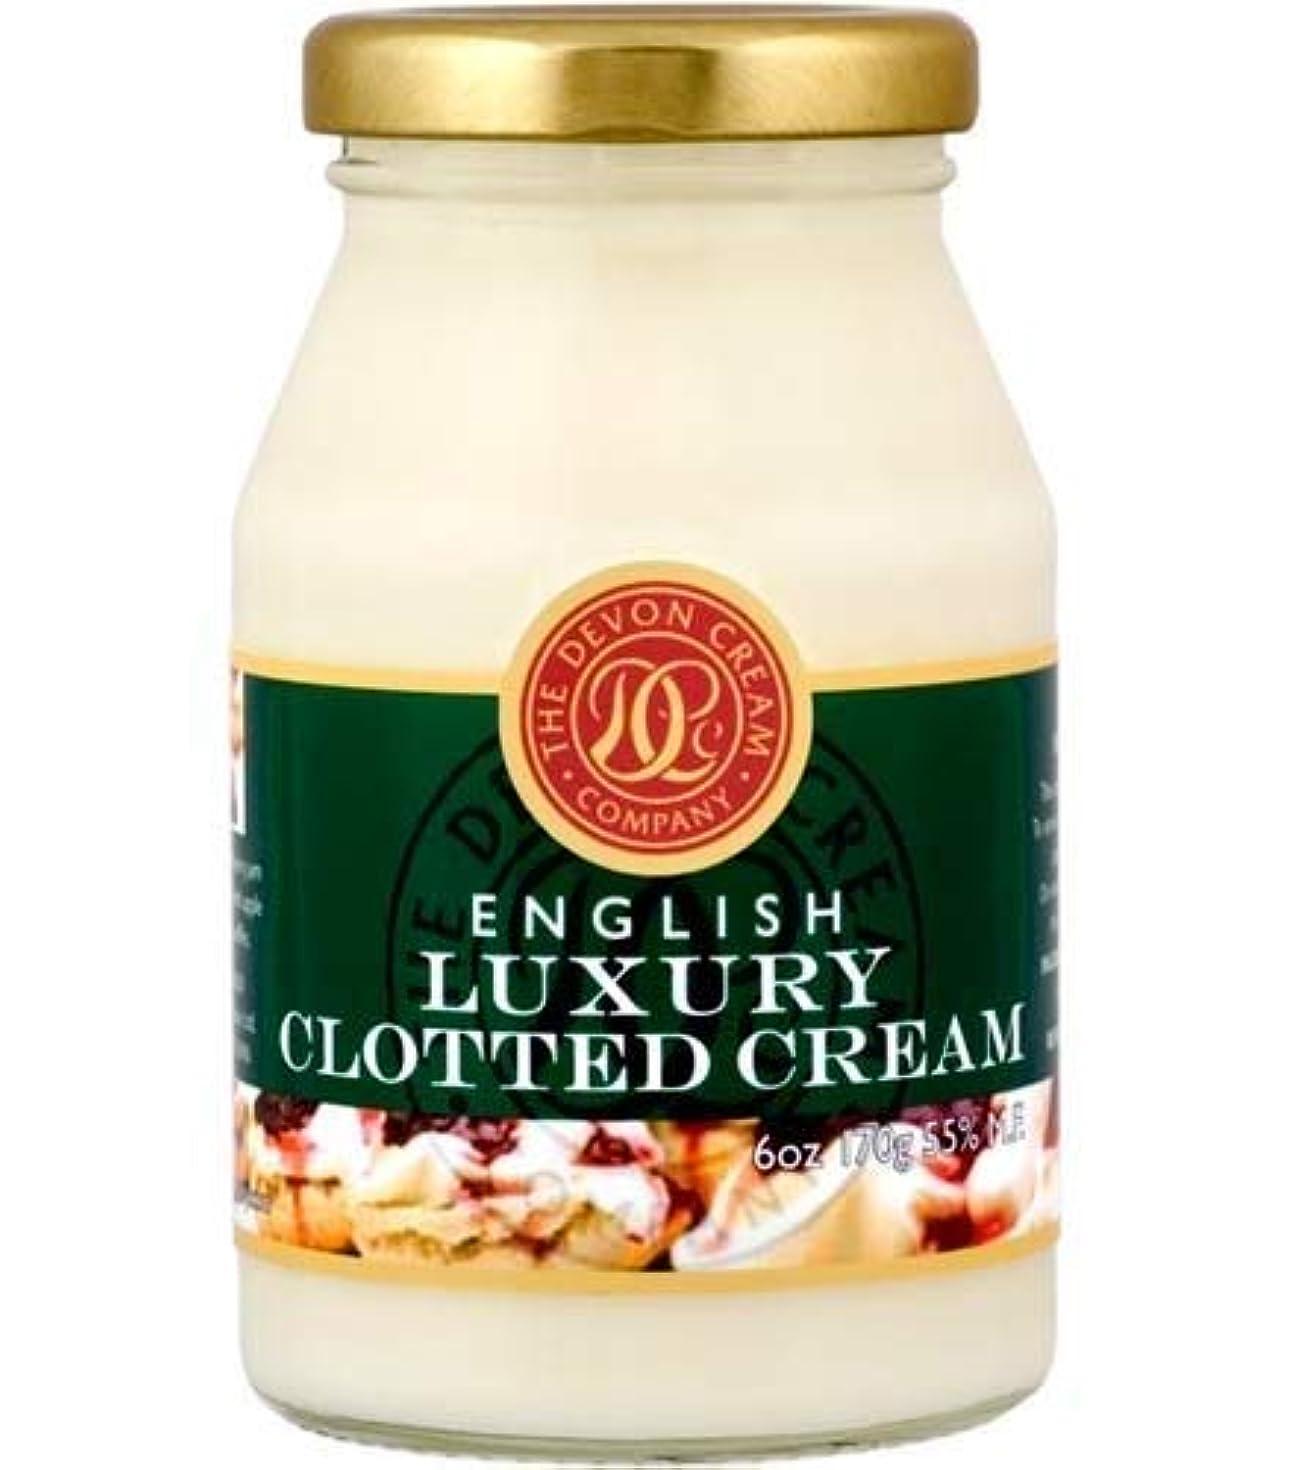 変化微弱バランスのとれたThe Devon Cream Company Clotted Cream 6oz [並行輸入品]